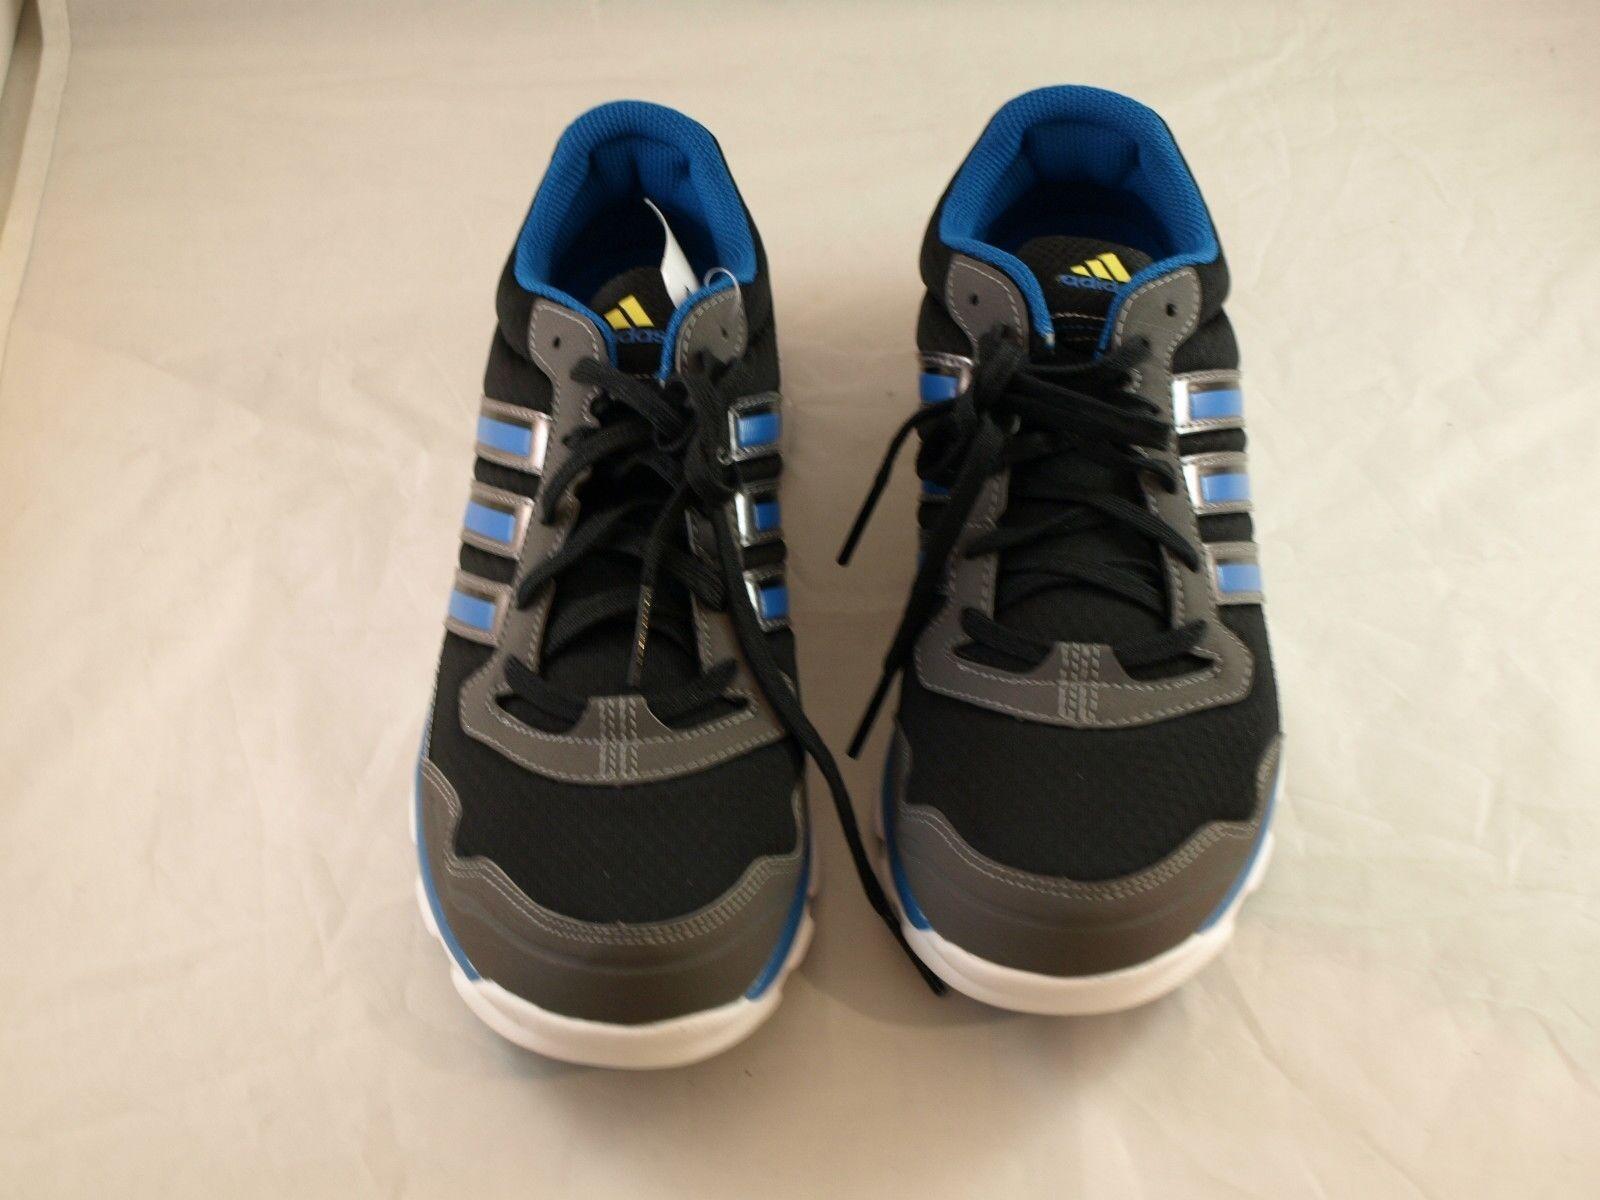 neue männer adidas flyby m schwarz die ausbildung läuft blitz schwarz m blau 8.5 8 1 / 2 957576